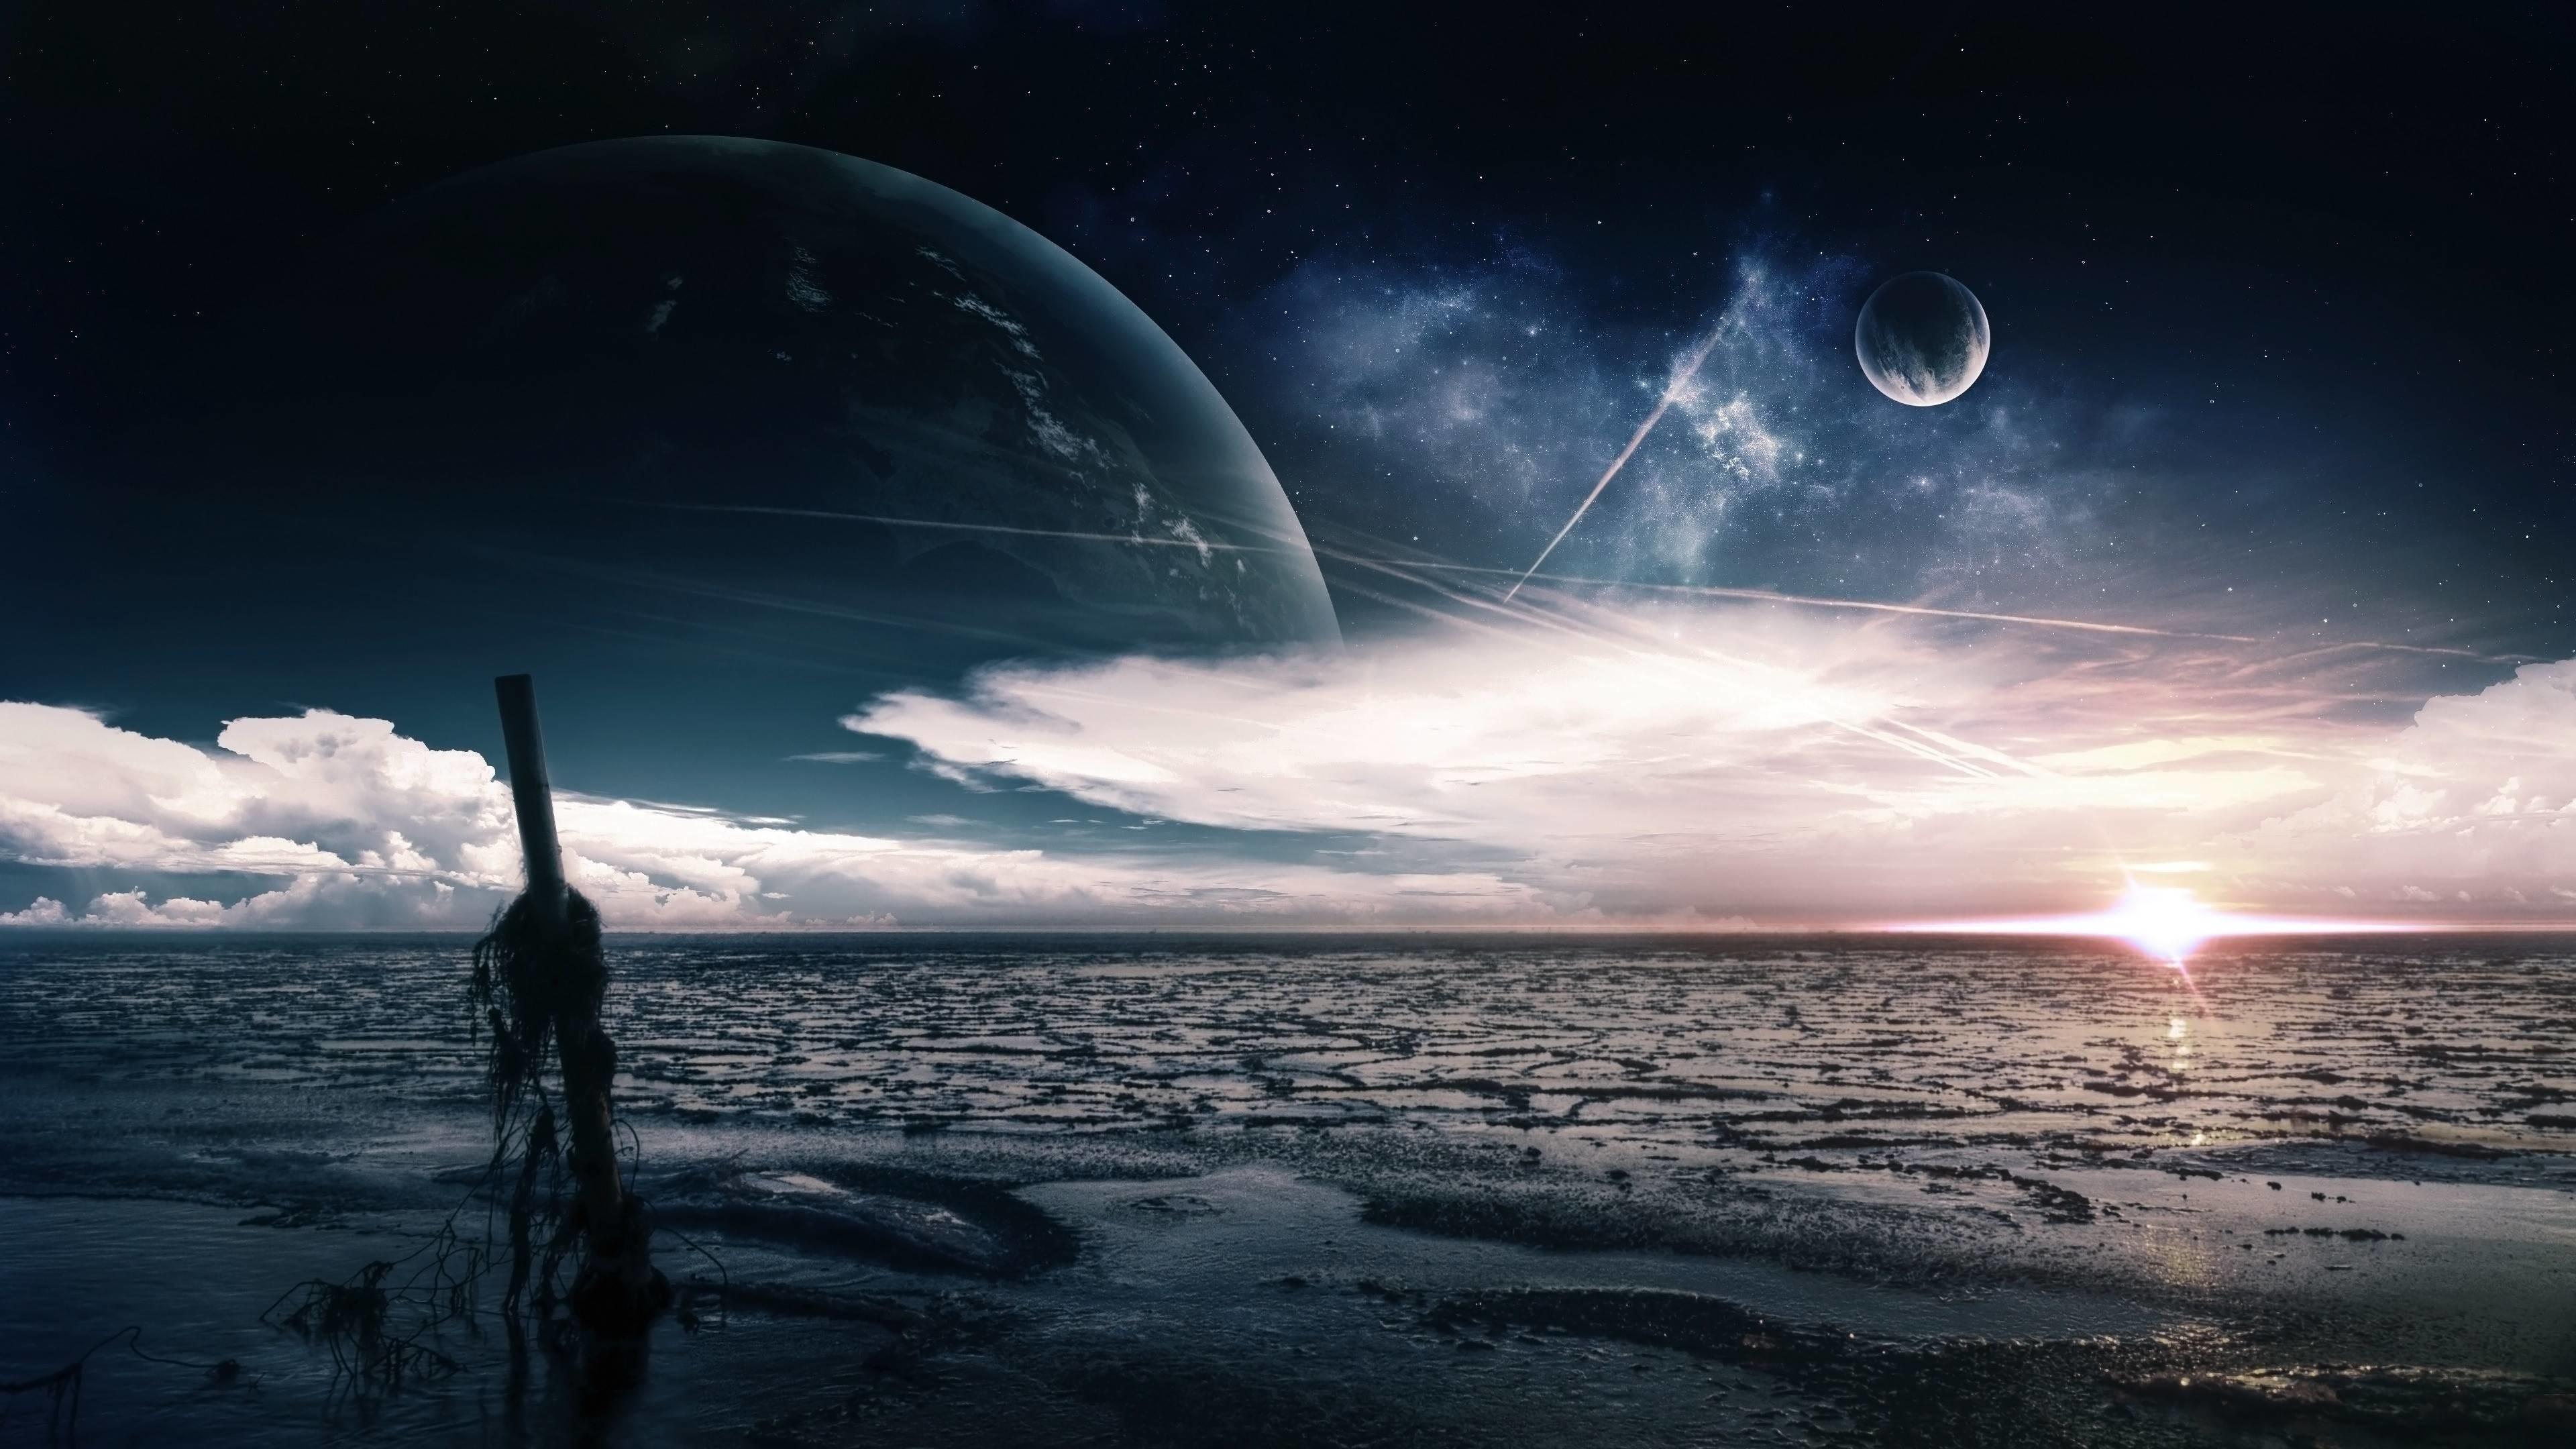 Alien Planet Wallpaper 3840x2160